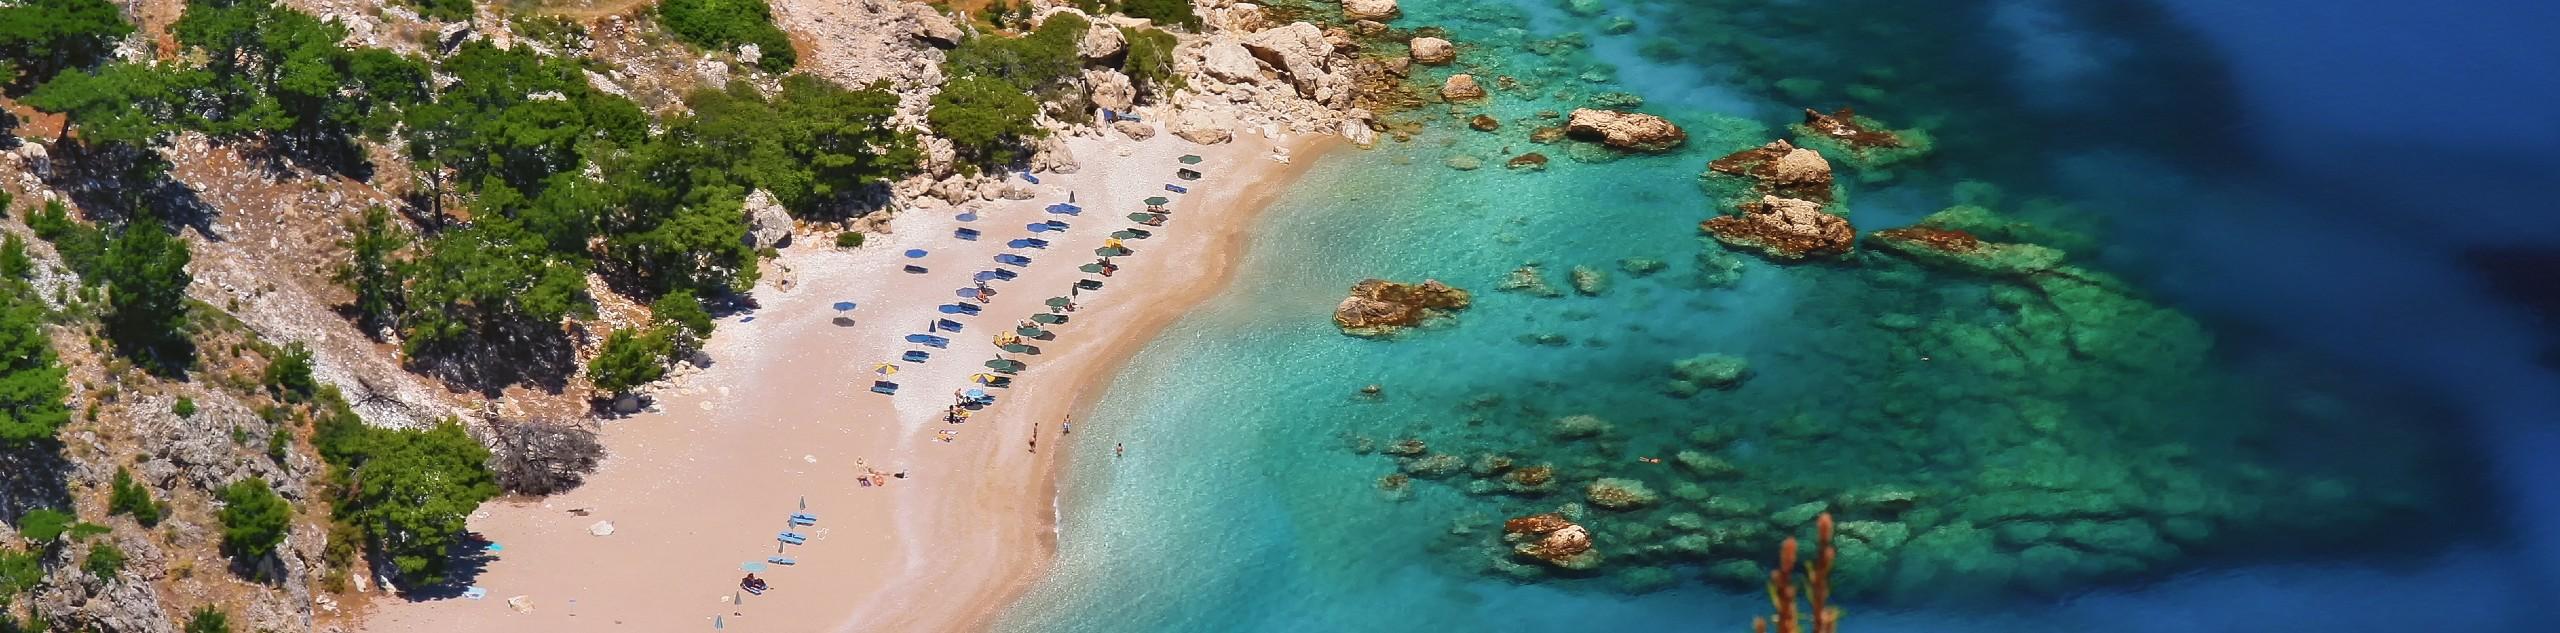 Karpathos in Greece